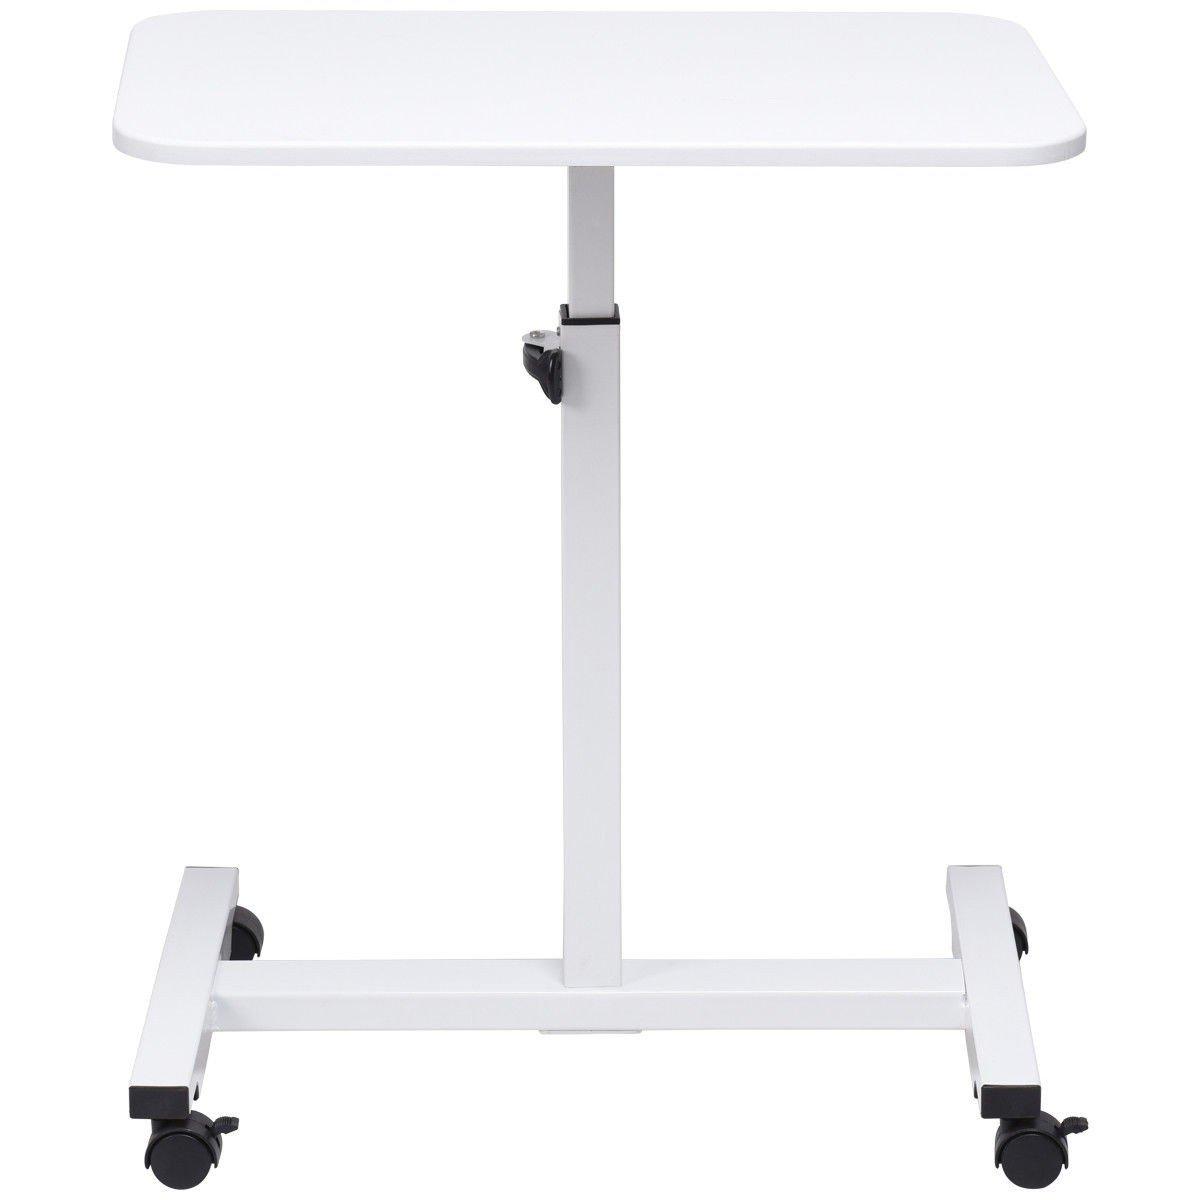 CHOOSEandBUY Adjustable Height Rolling Mobile Laptop Cart Stand Desk Desk Laptop Mobile Cart Rolling Stand Table Adjustable Computer Portable